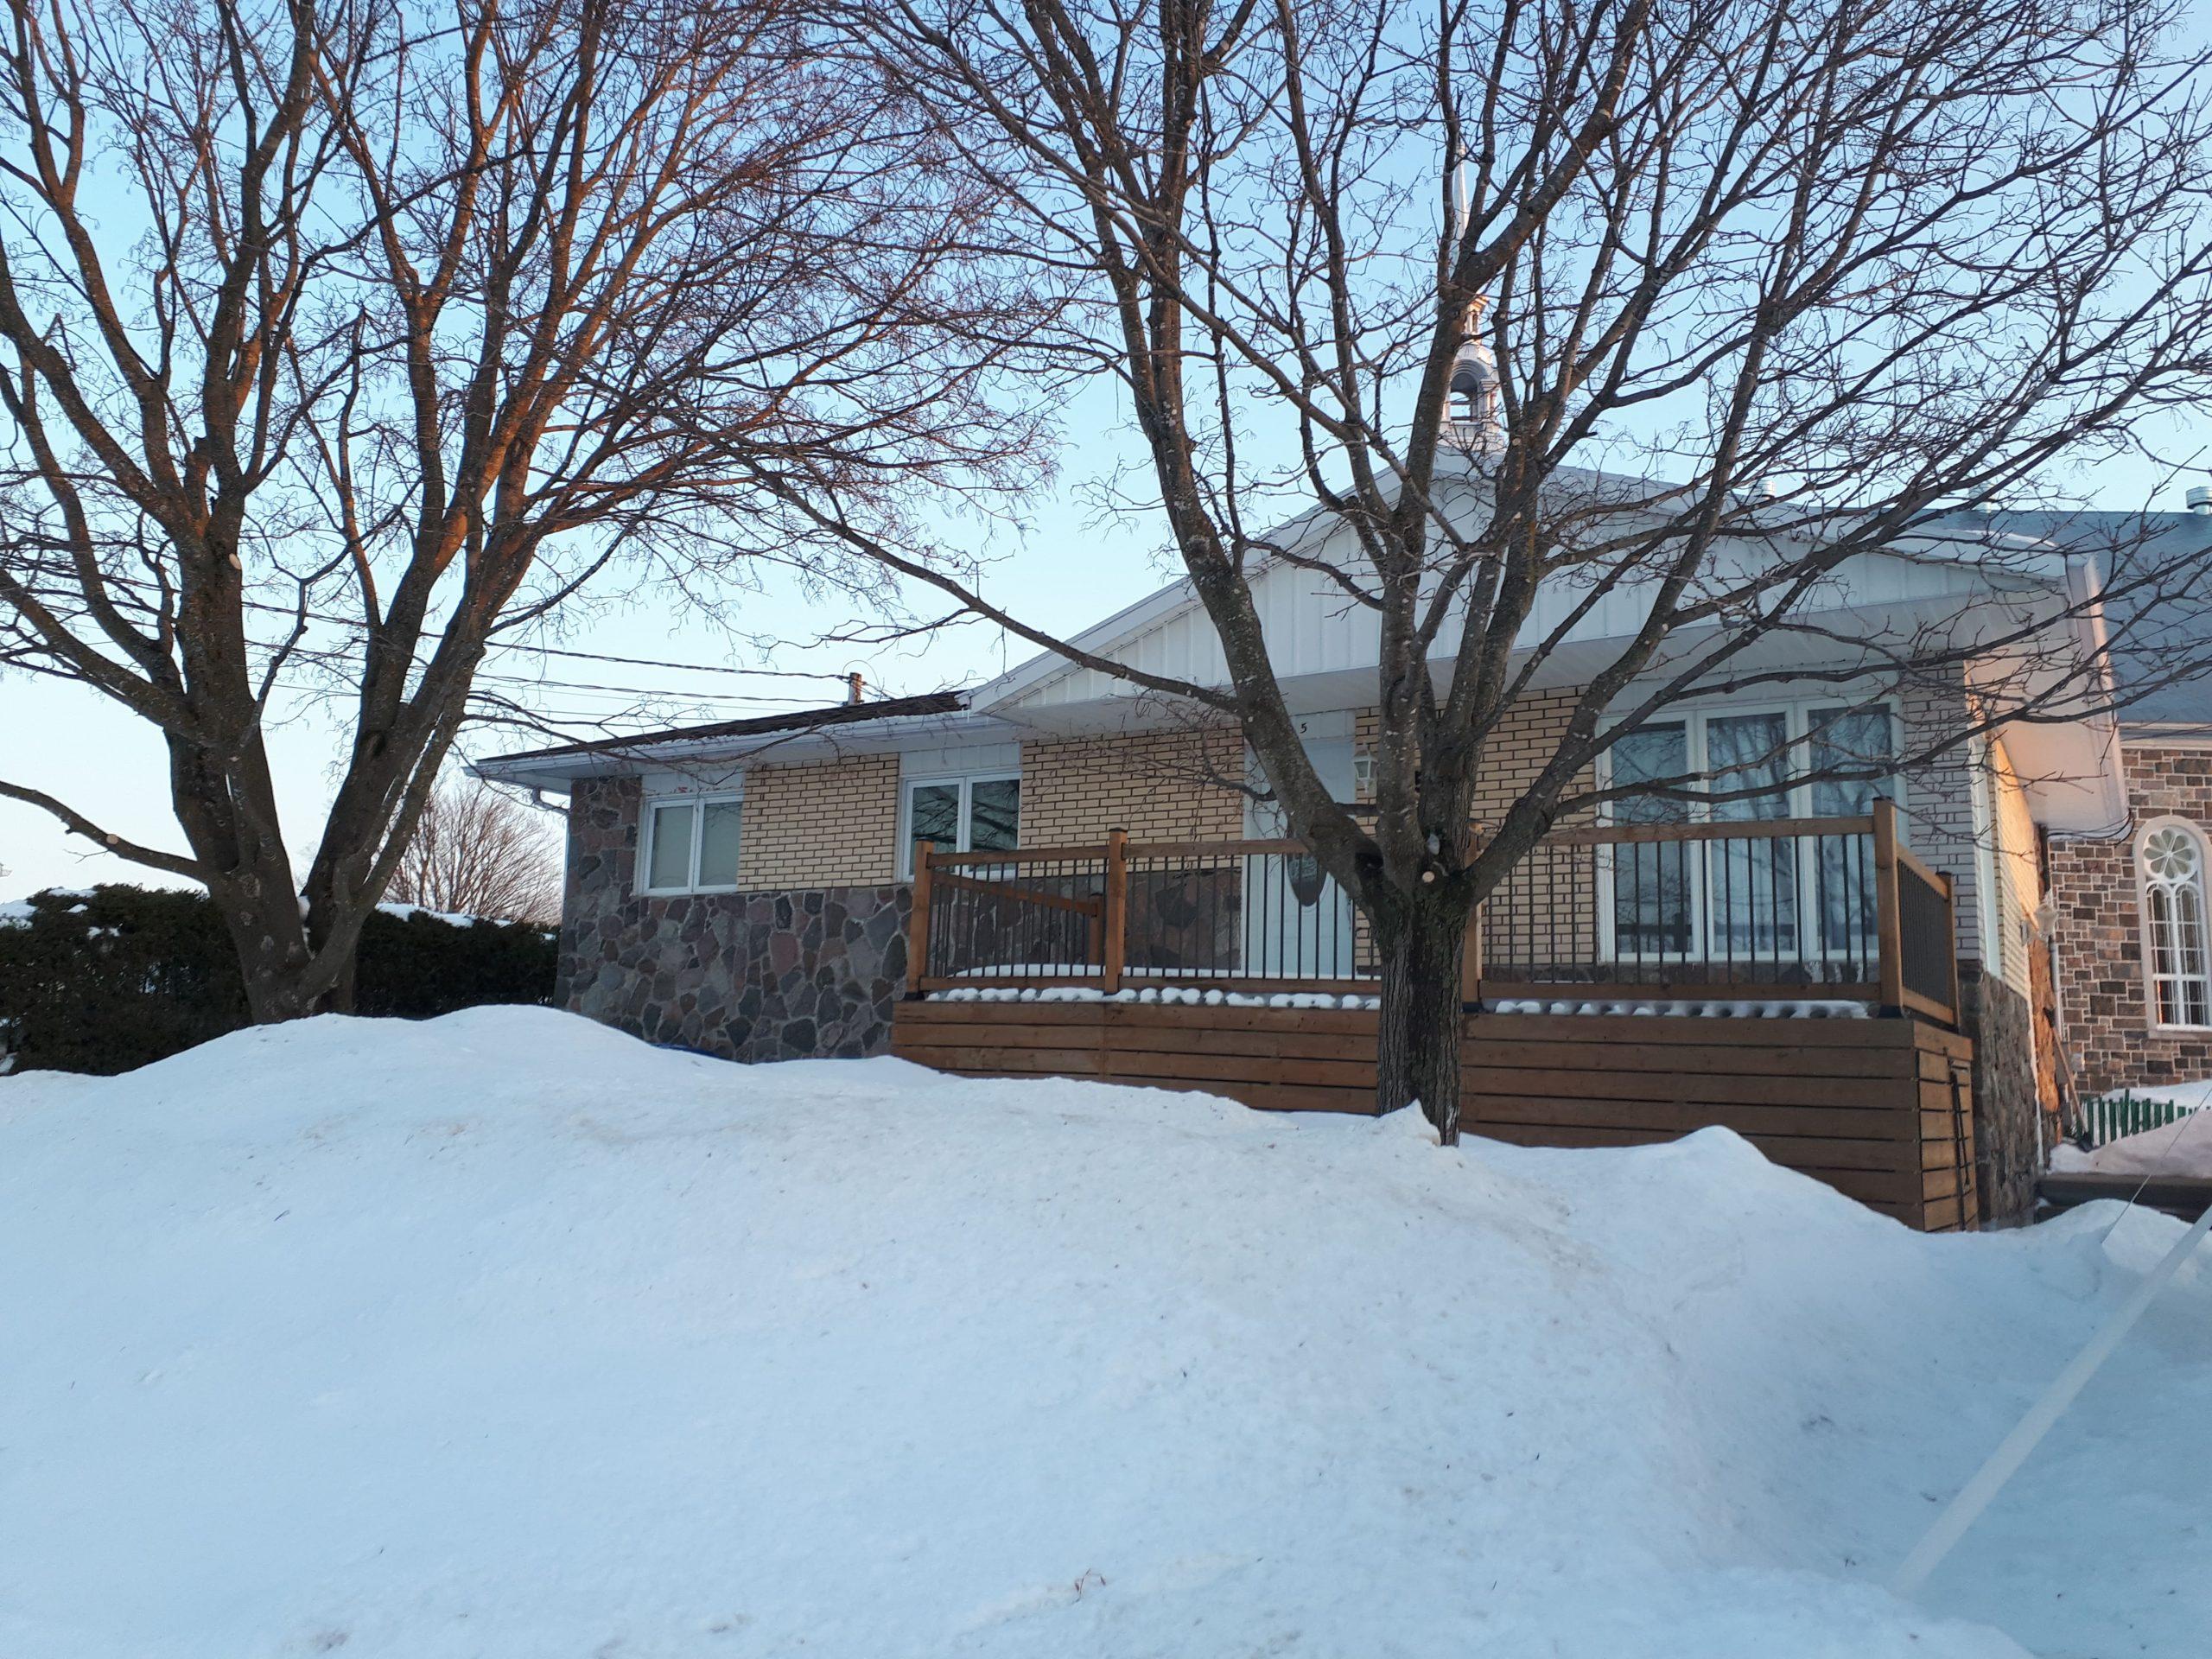 Photo 14 : Location de maison, Entièrement meublée, 25 minutes de Québec